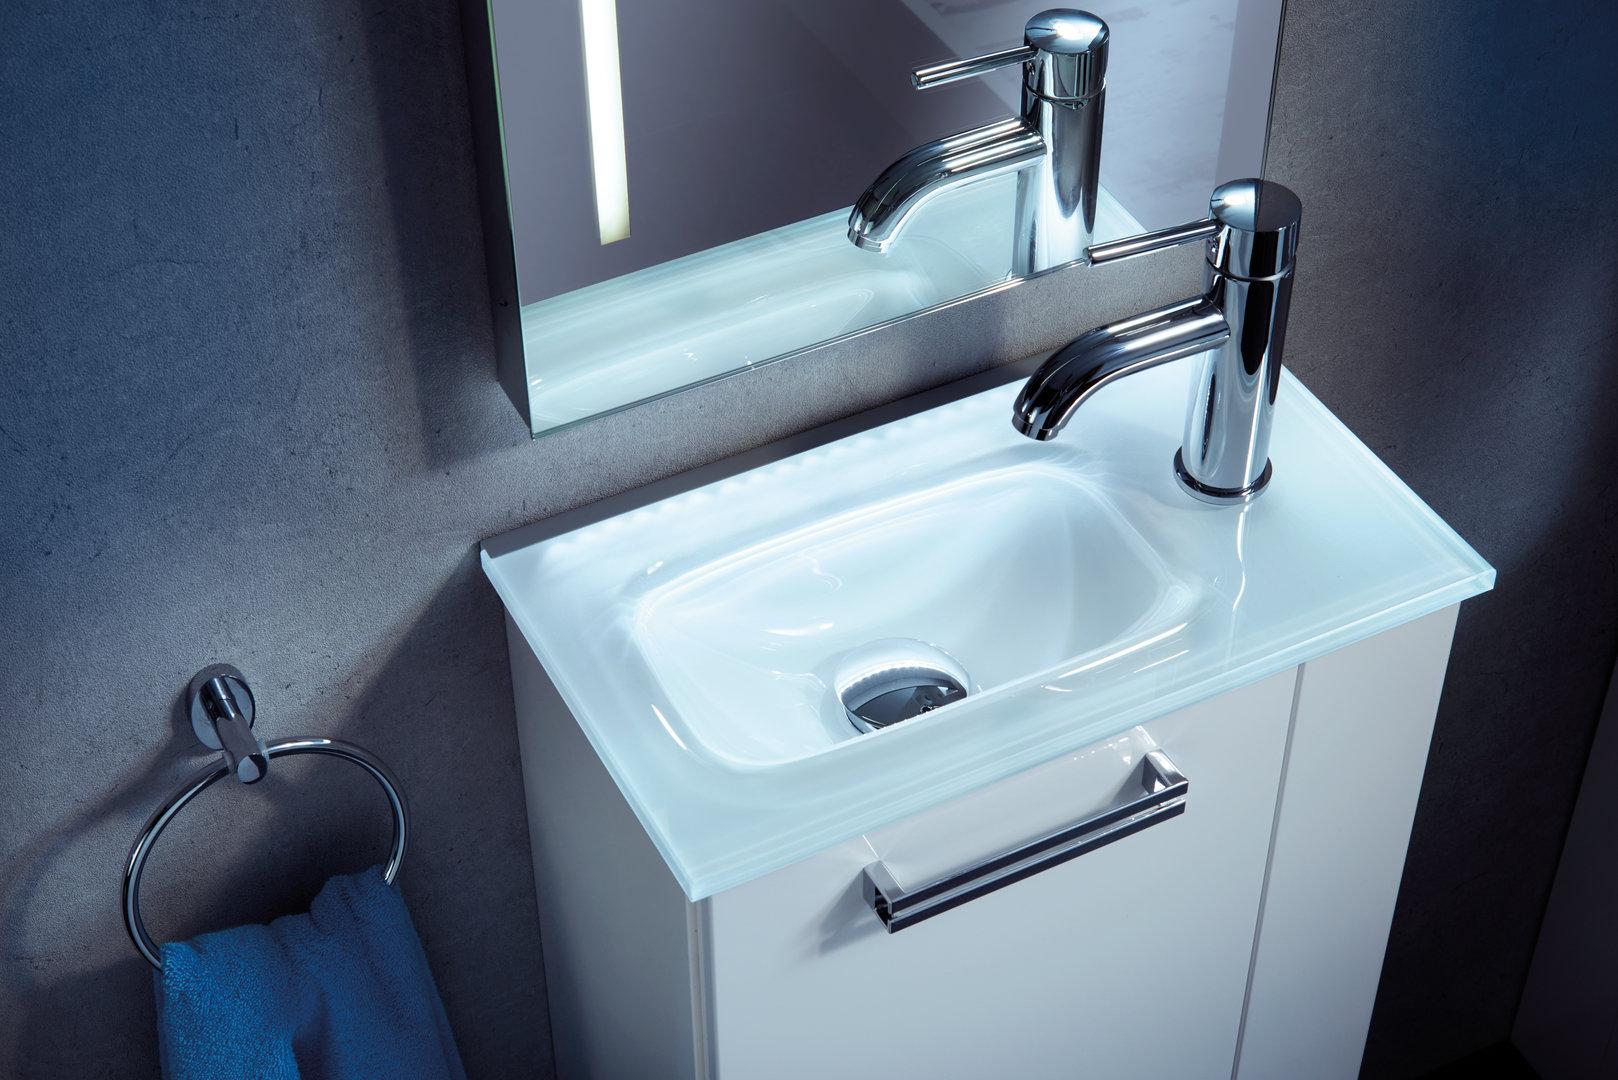 waschtisch aus glas farbe wei 45 cm breite optional beleuchtung. Black Bedroom Furniture Sets. Home Design Ideas